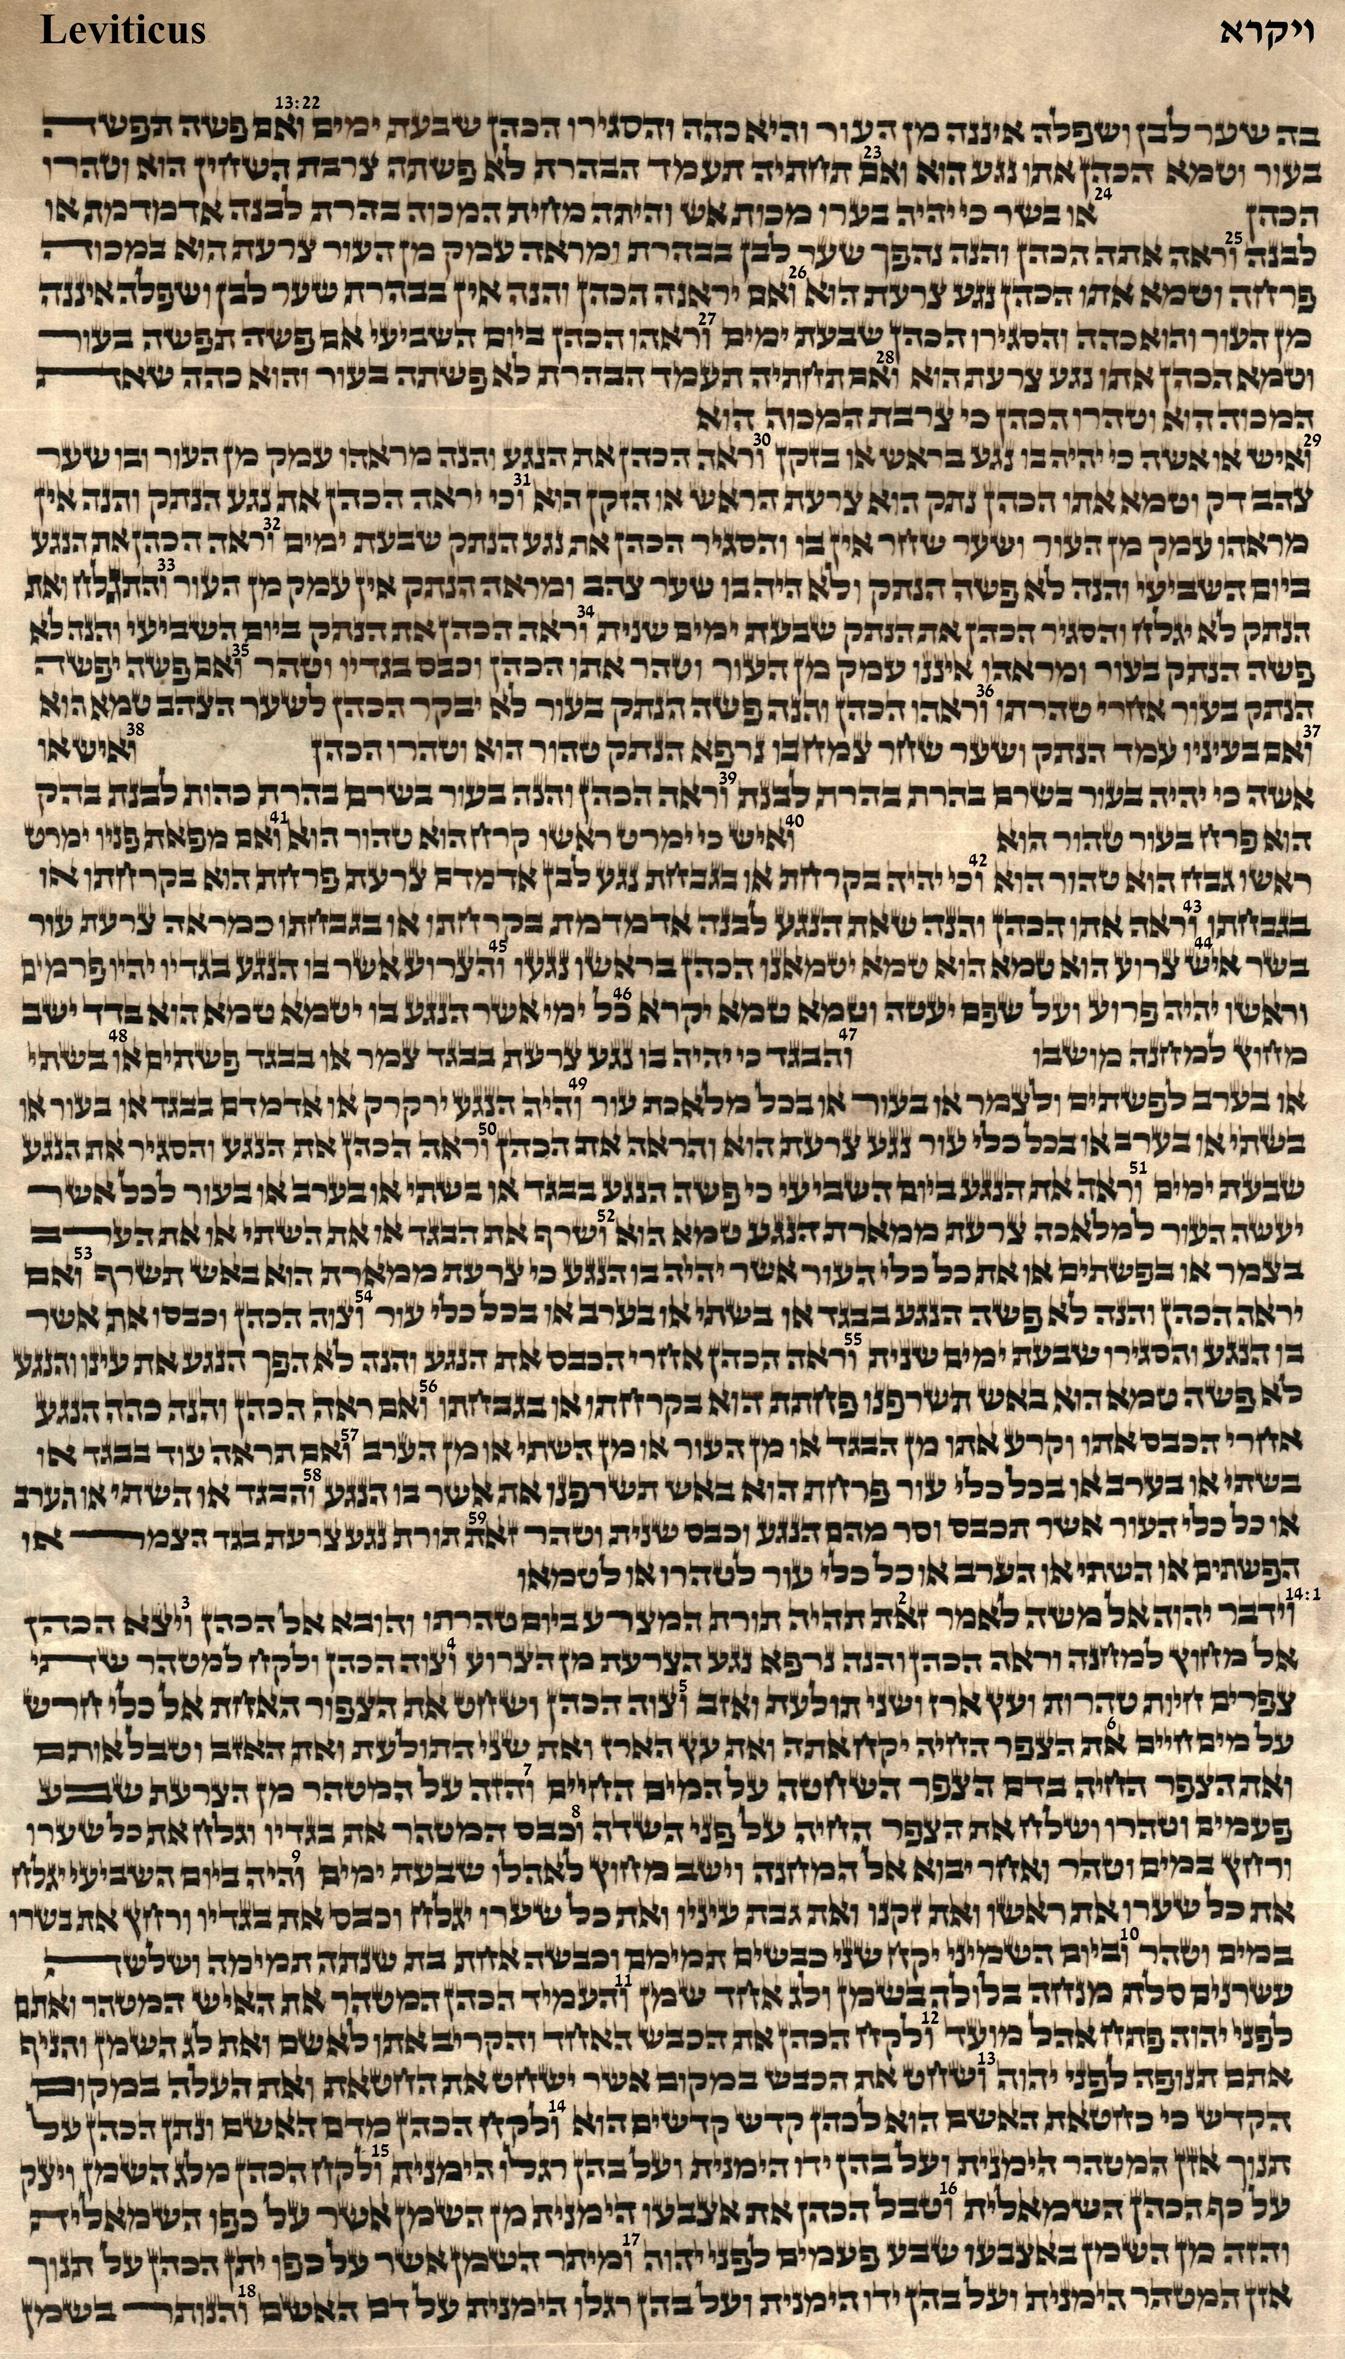 Leviticus 13.22 - 14.18